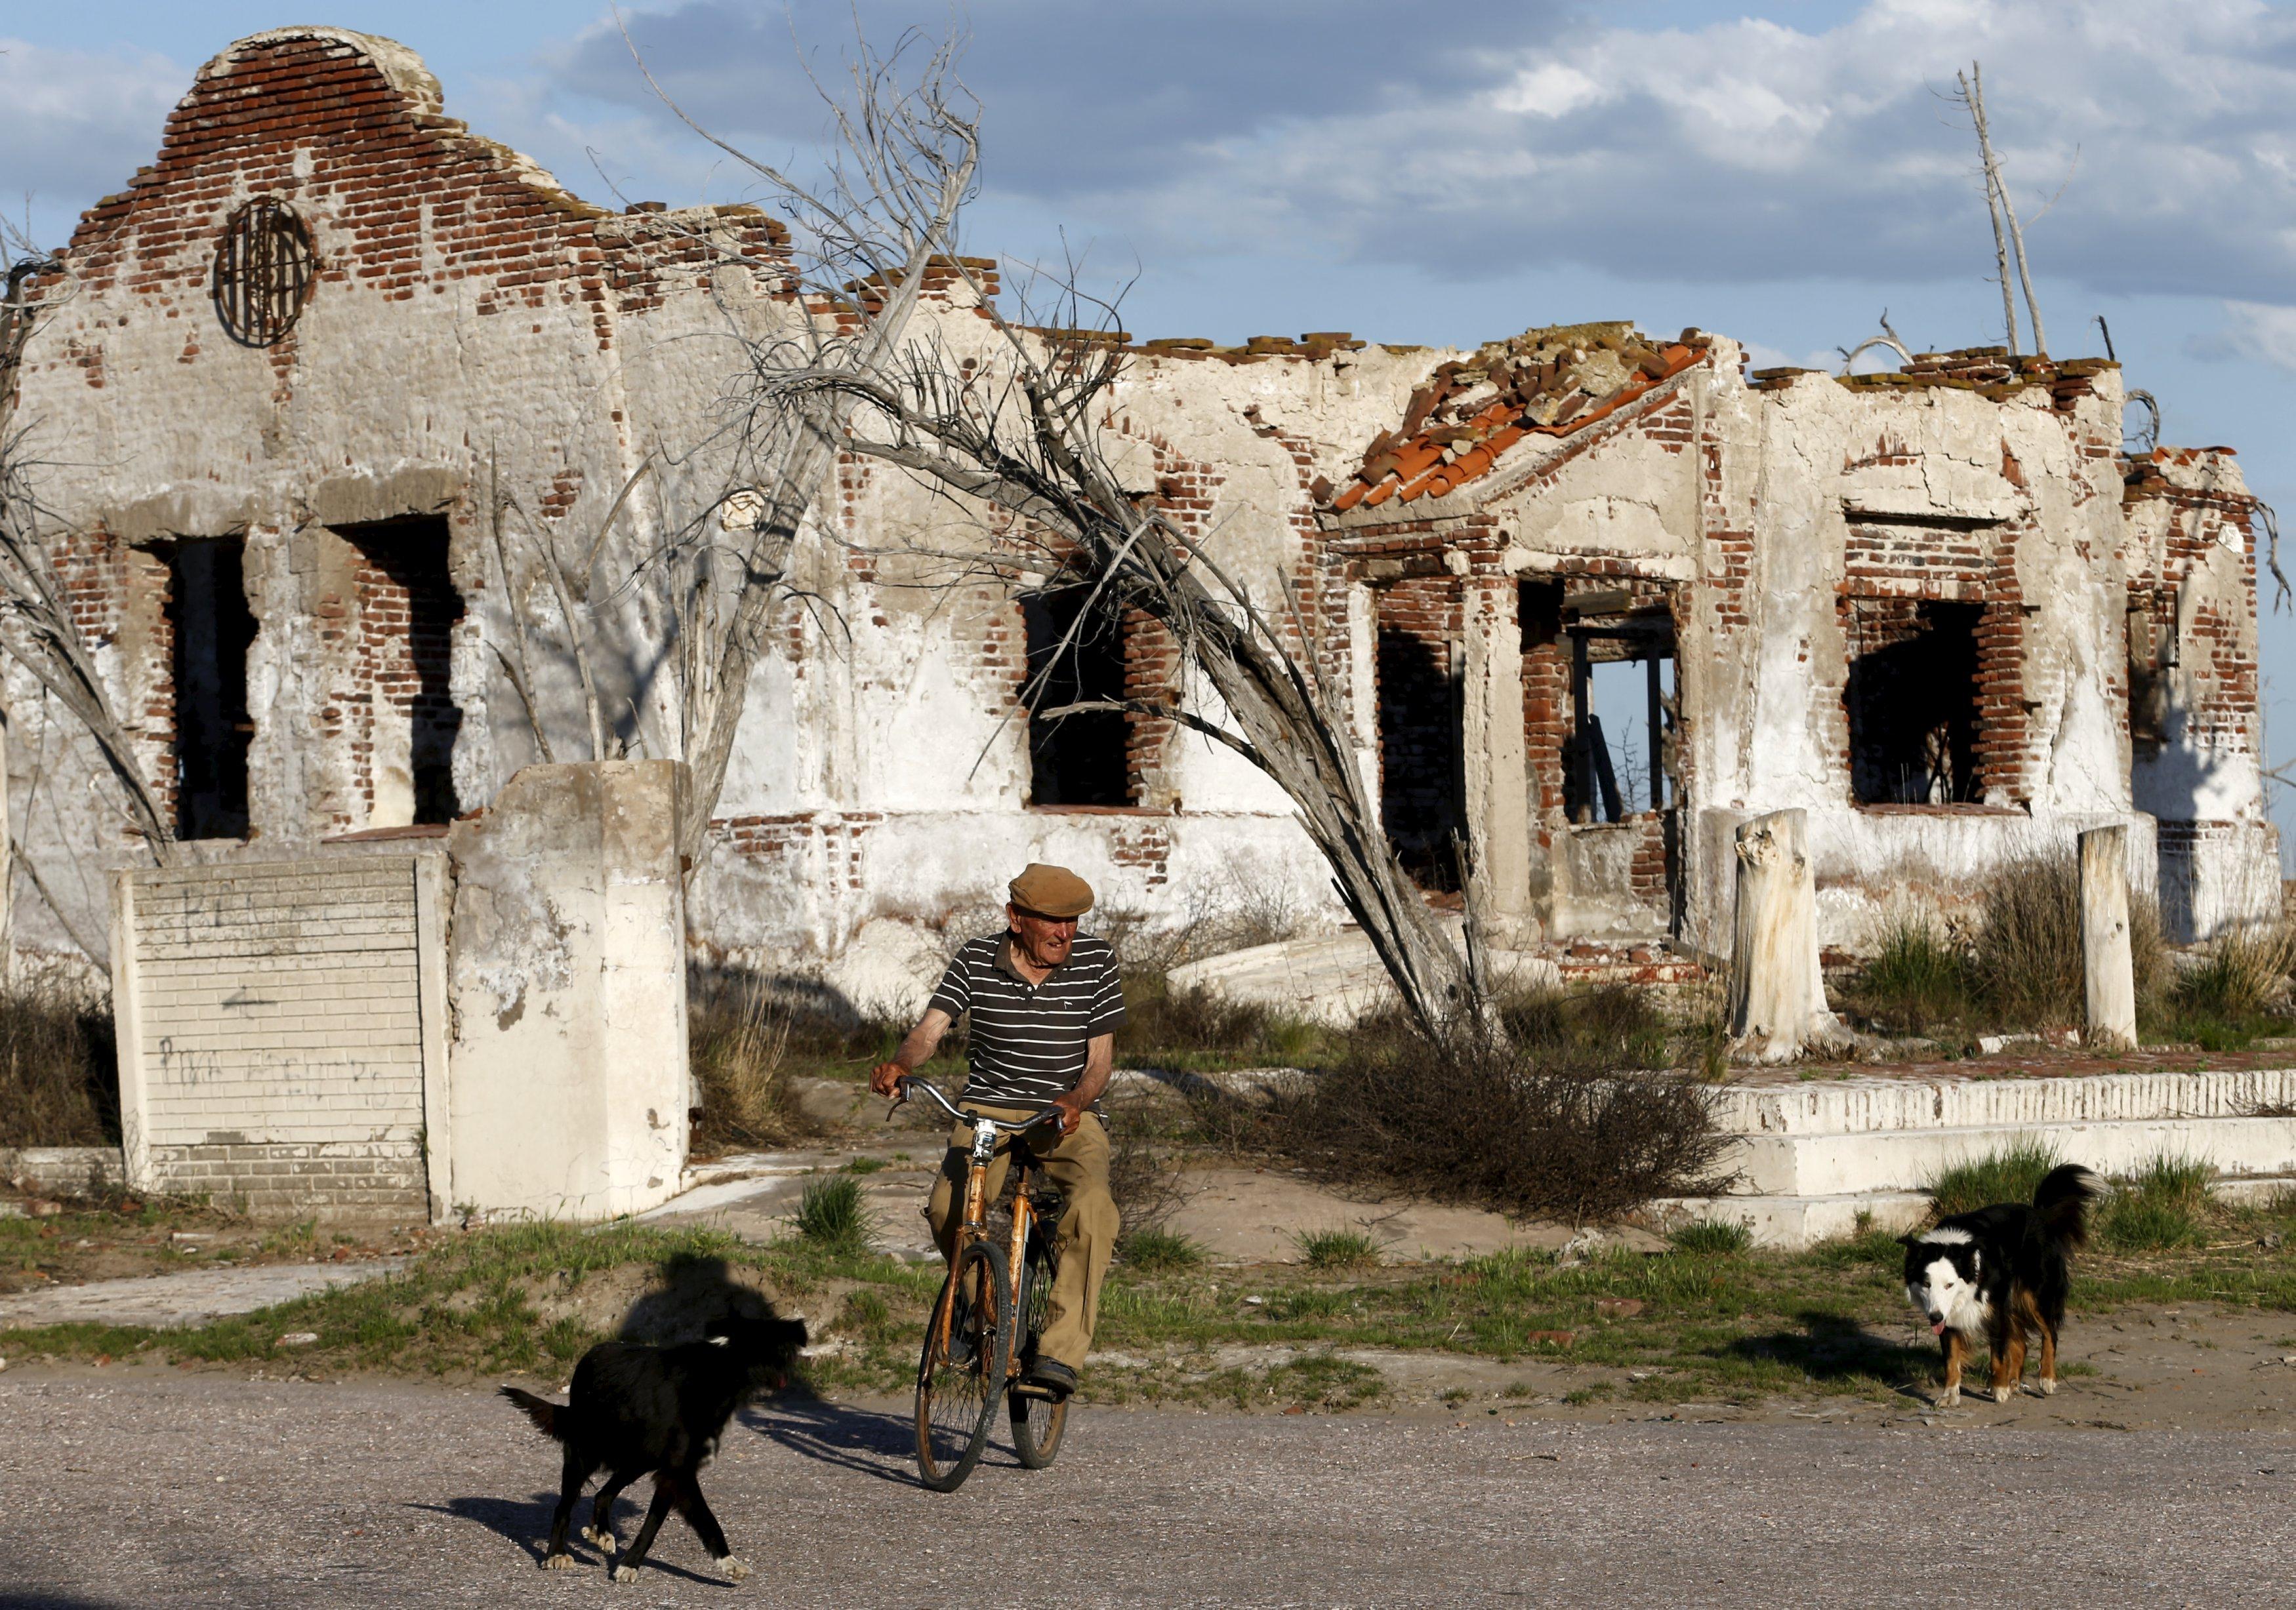 Pablo Novak, 85 tahun, mengendarai sepedanya melewati reruntuhan rumah di Desa Epecuen, Jumat (6/11). Selama beberapa tahun terakhir kota Epecuen, yang berlokasi di 550 km barat daya Buenos Aires, menarik perhatian turis dengan suasana apokaliptik menakutkan setelah banjir merendam kota tersebut dengan air asin selama lebih dari dua dekade. Semula desa turis samping danau yang sibuk di tahun 1920-an dikenal untuk pemandian air garamnya, Epecuen tiba-tiba berakhir tanggal 10 November 1985 ketika hujan turun saat musim dingin menyebabkan Lago Epecuen meluap dan air pasang melewati dinding spesial khusus memasuki kota. Warga dan turis dipaksa evakuasi dan dalam beberapa hari rumah-rumah dan gedung-gedung tergenang air asin setinggi hampir 10 meter. Sekarang, 30 tahun kemudian, air telah menguap dan warga yang dulu tinggal disana bisa berjalan di reruntuhan berkarat kota tersebut. Foto diambil tanggal 6 November 2015. REUTERS/Enrique Marcarian.